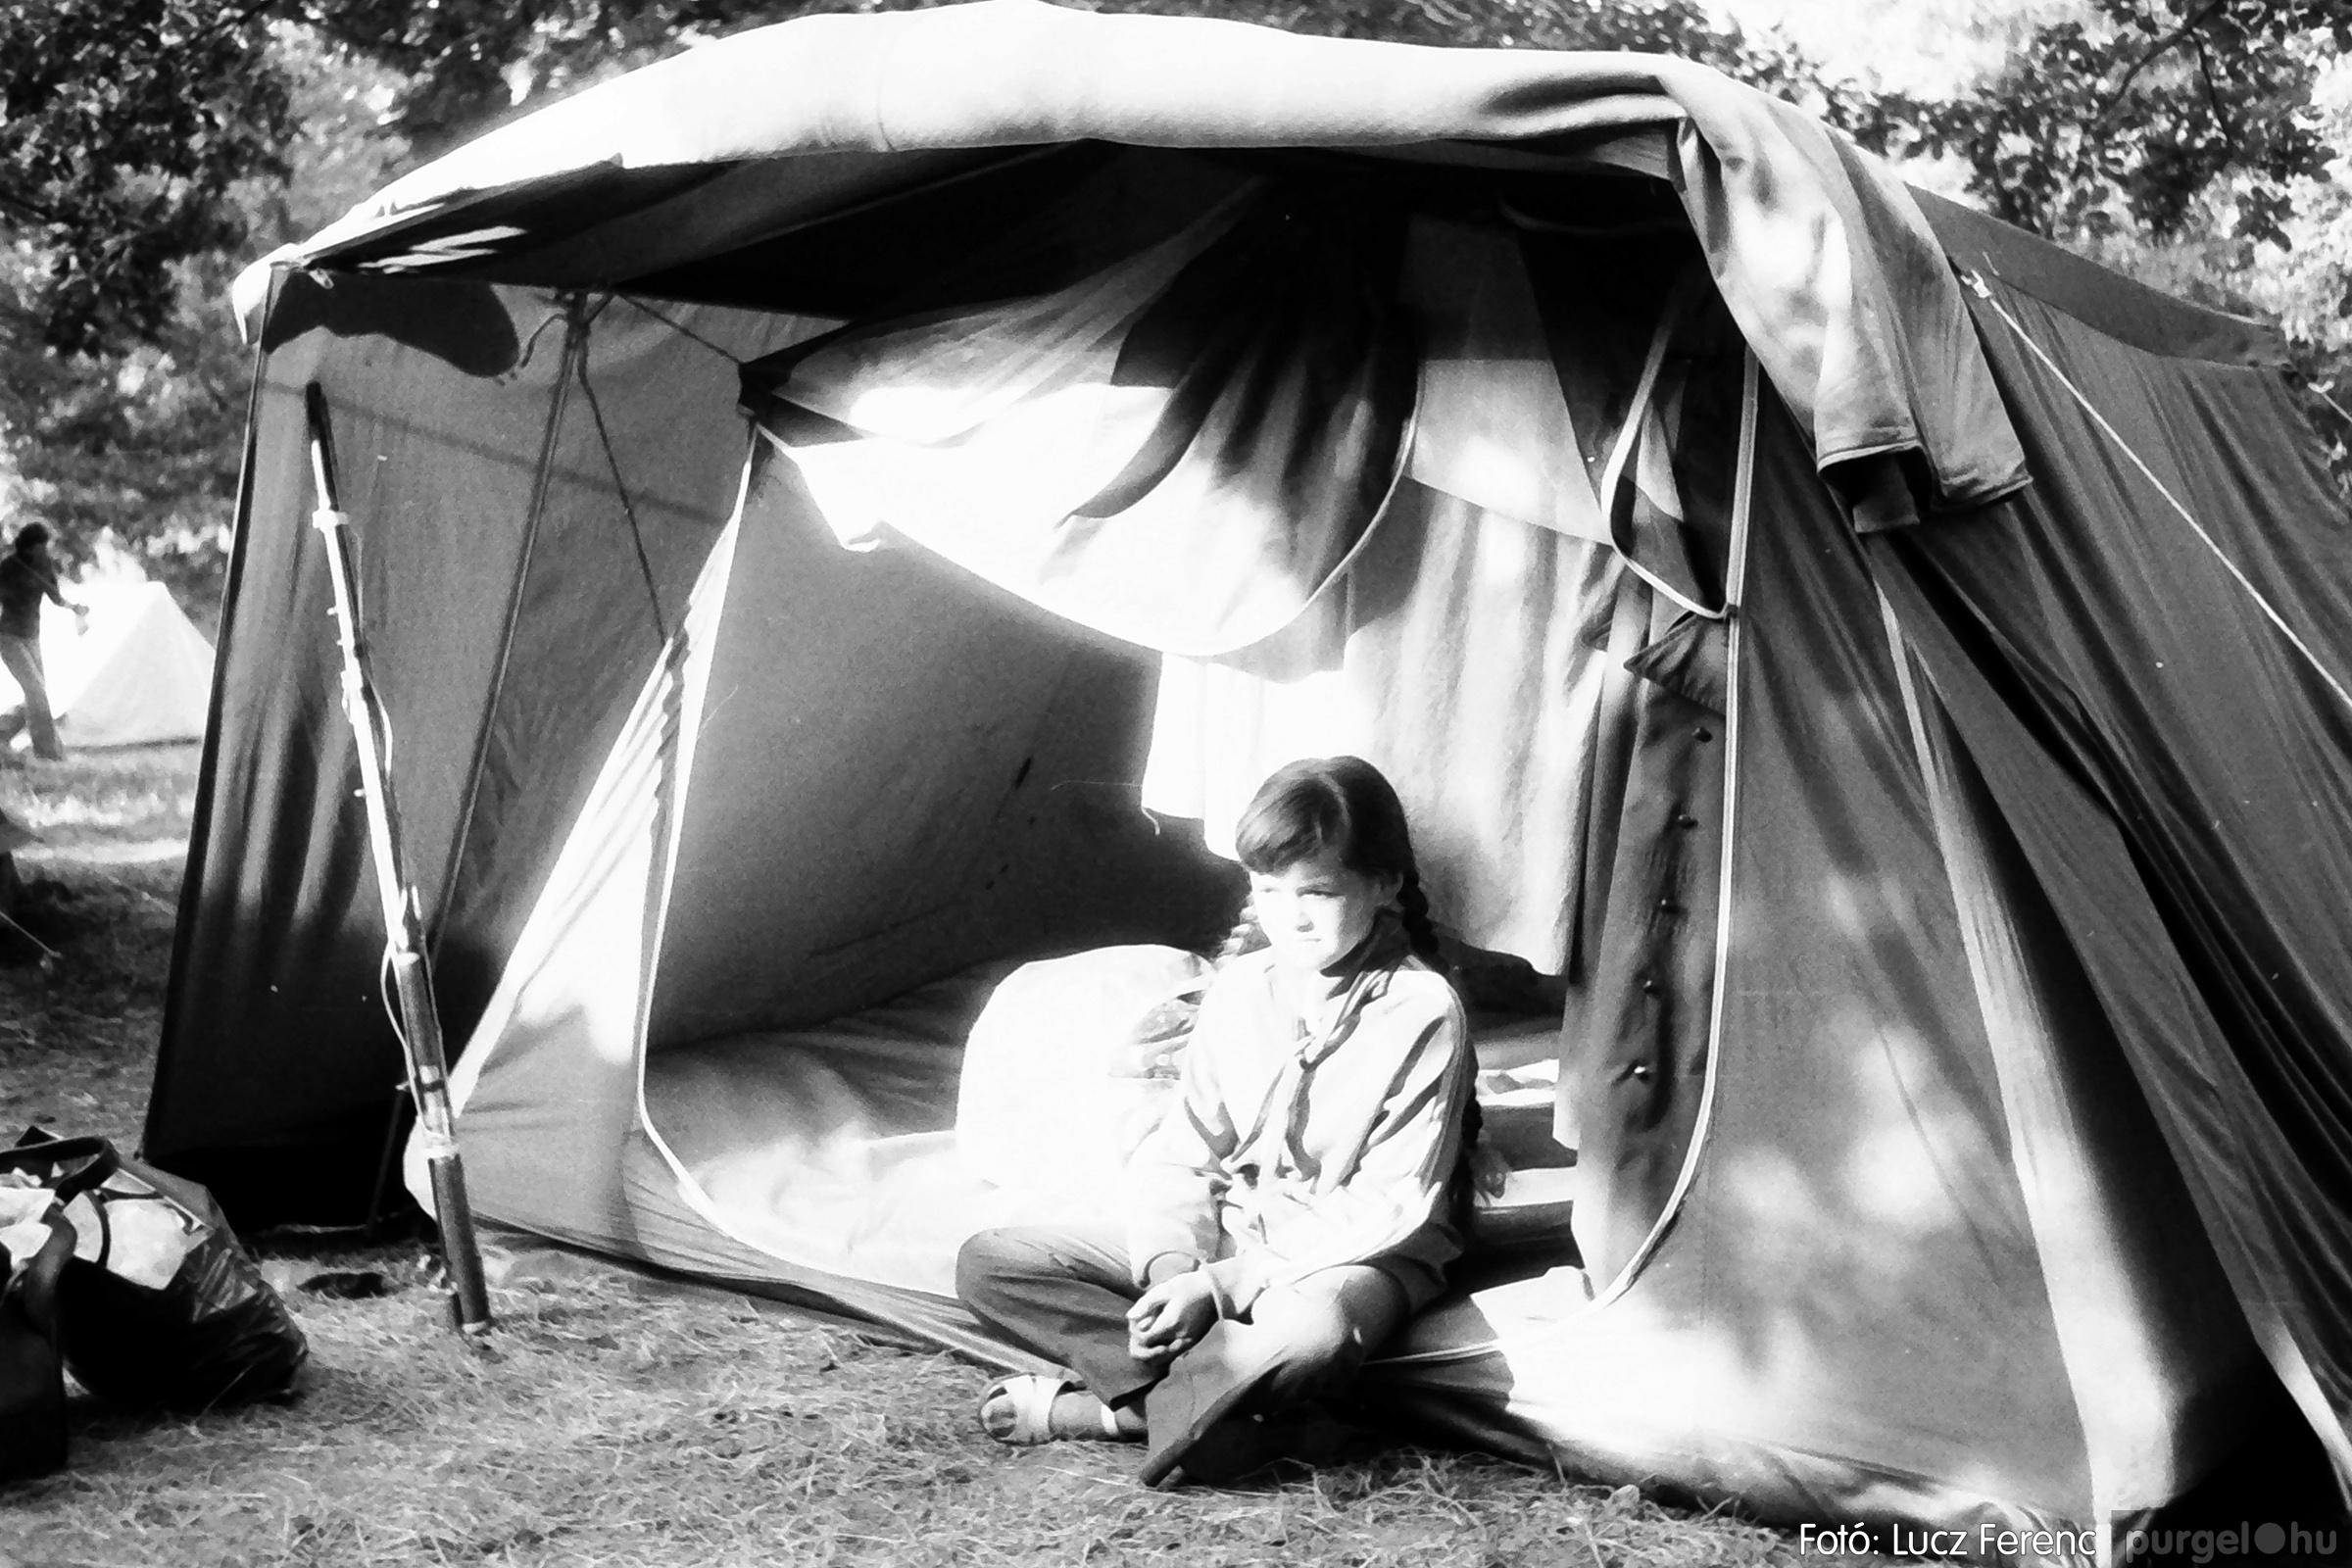 086, 088. 1977. Nyári tábor a Mátrában 063. - Fotó: Lucz Ferenc.jpg